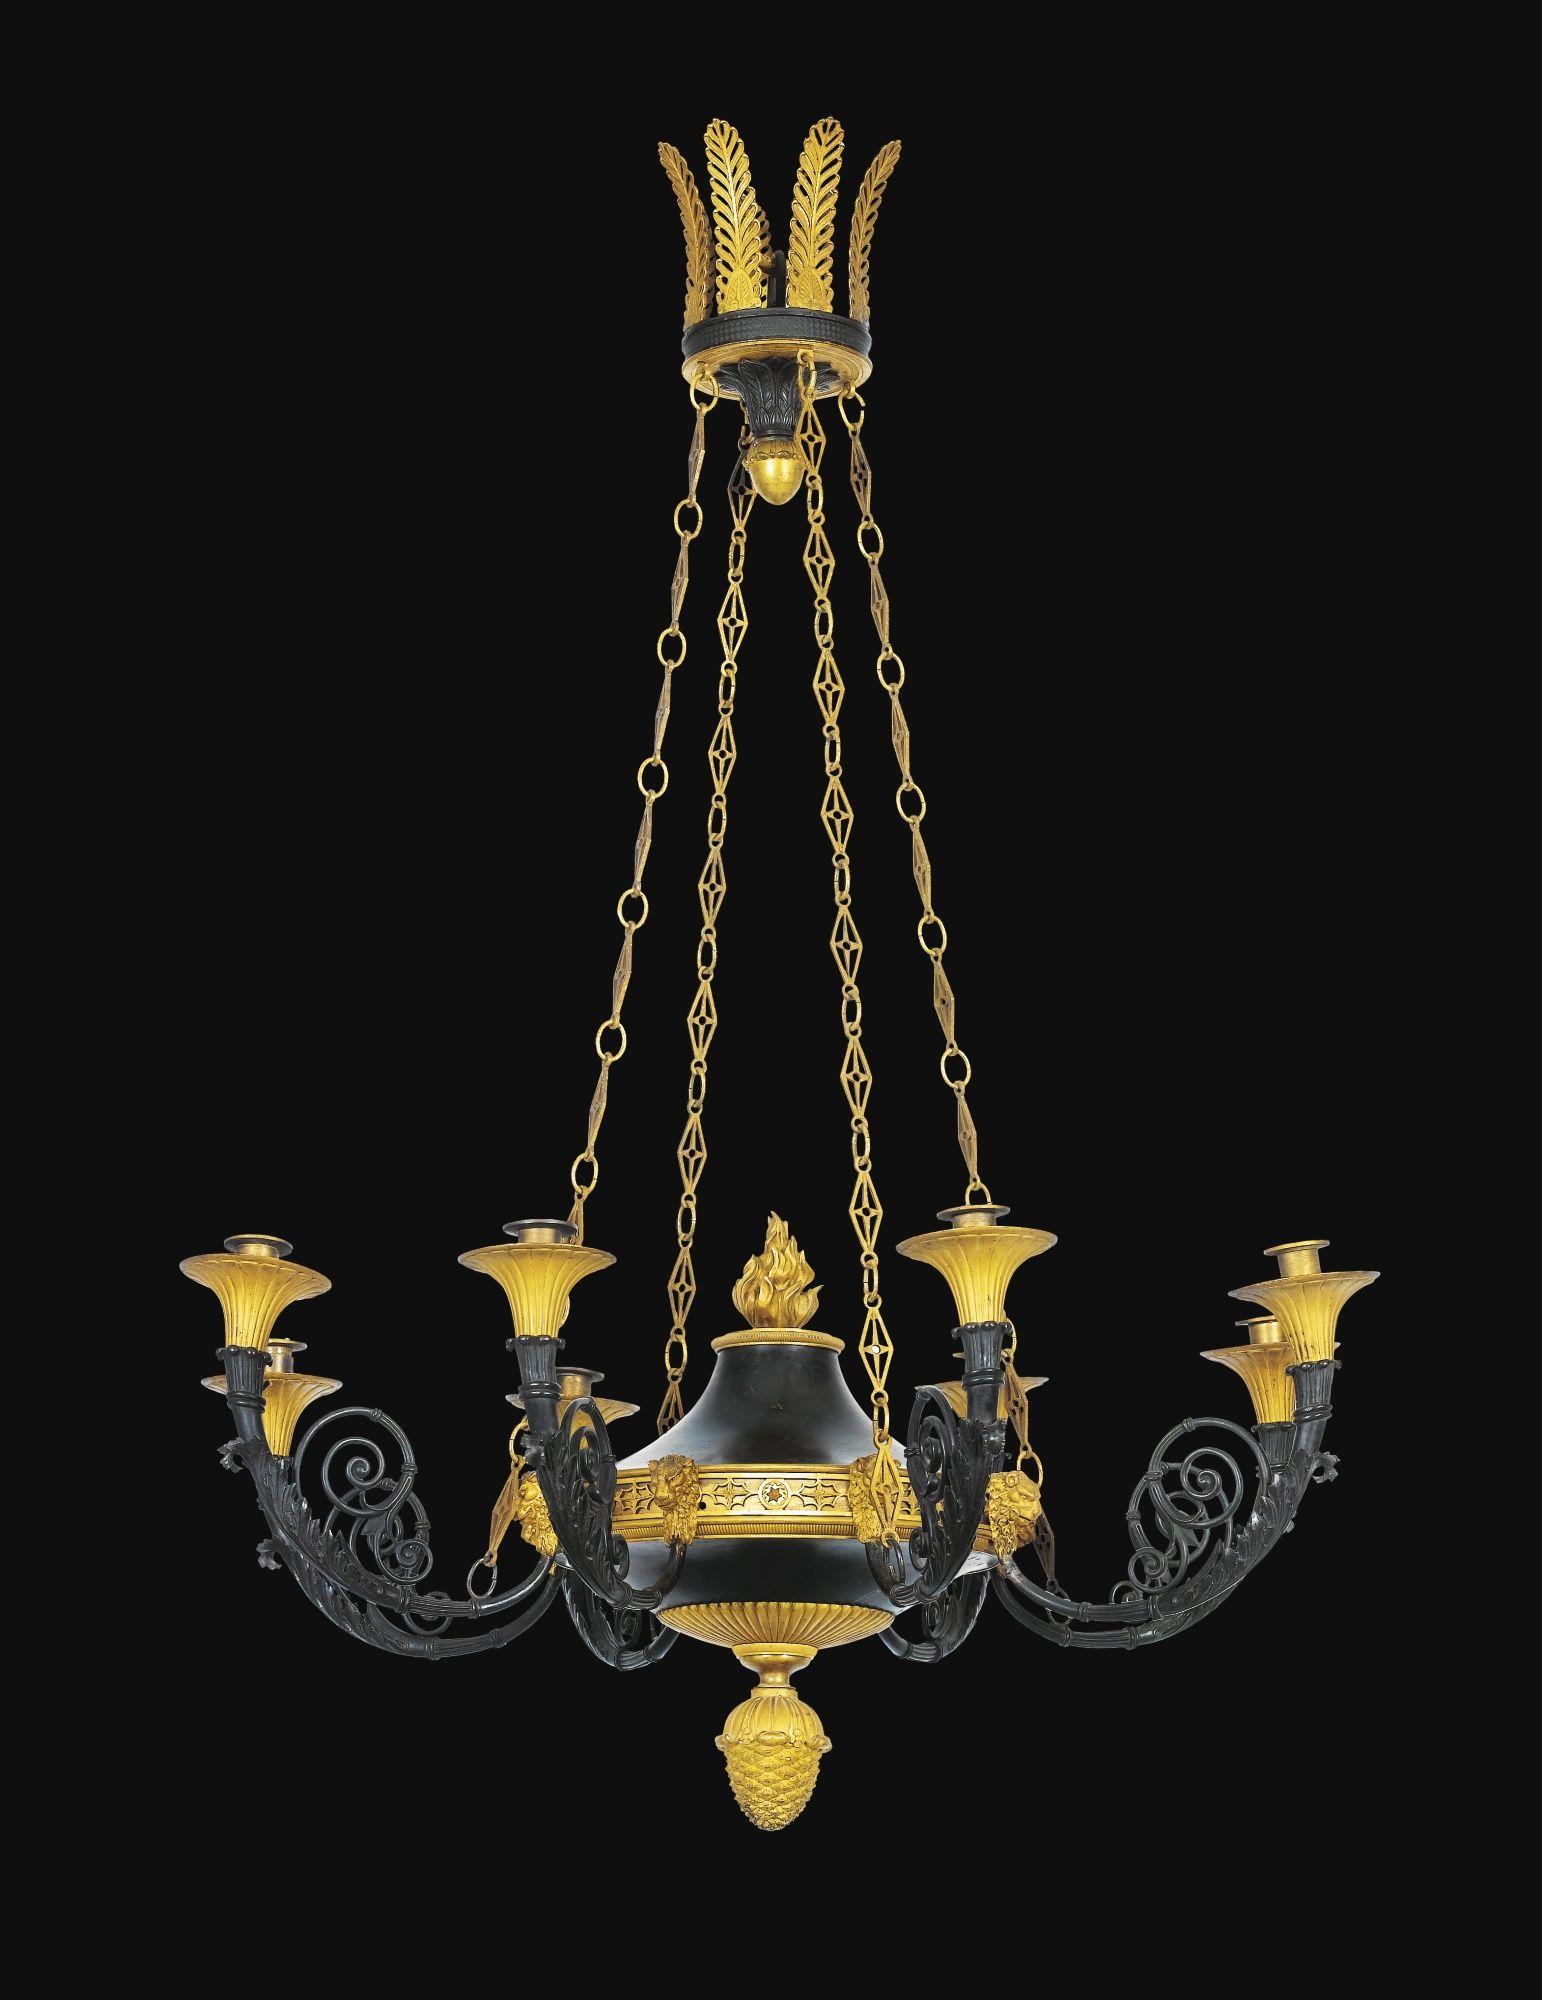 Lustre en bronze patiné et doré, travail russe vers 1800 A PATINATED GILT-BRONZE EIGHT-LIGHTS CHANDELIER, RUSSIAN CIRCA 1800